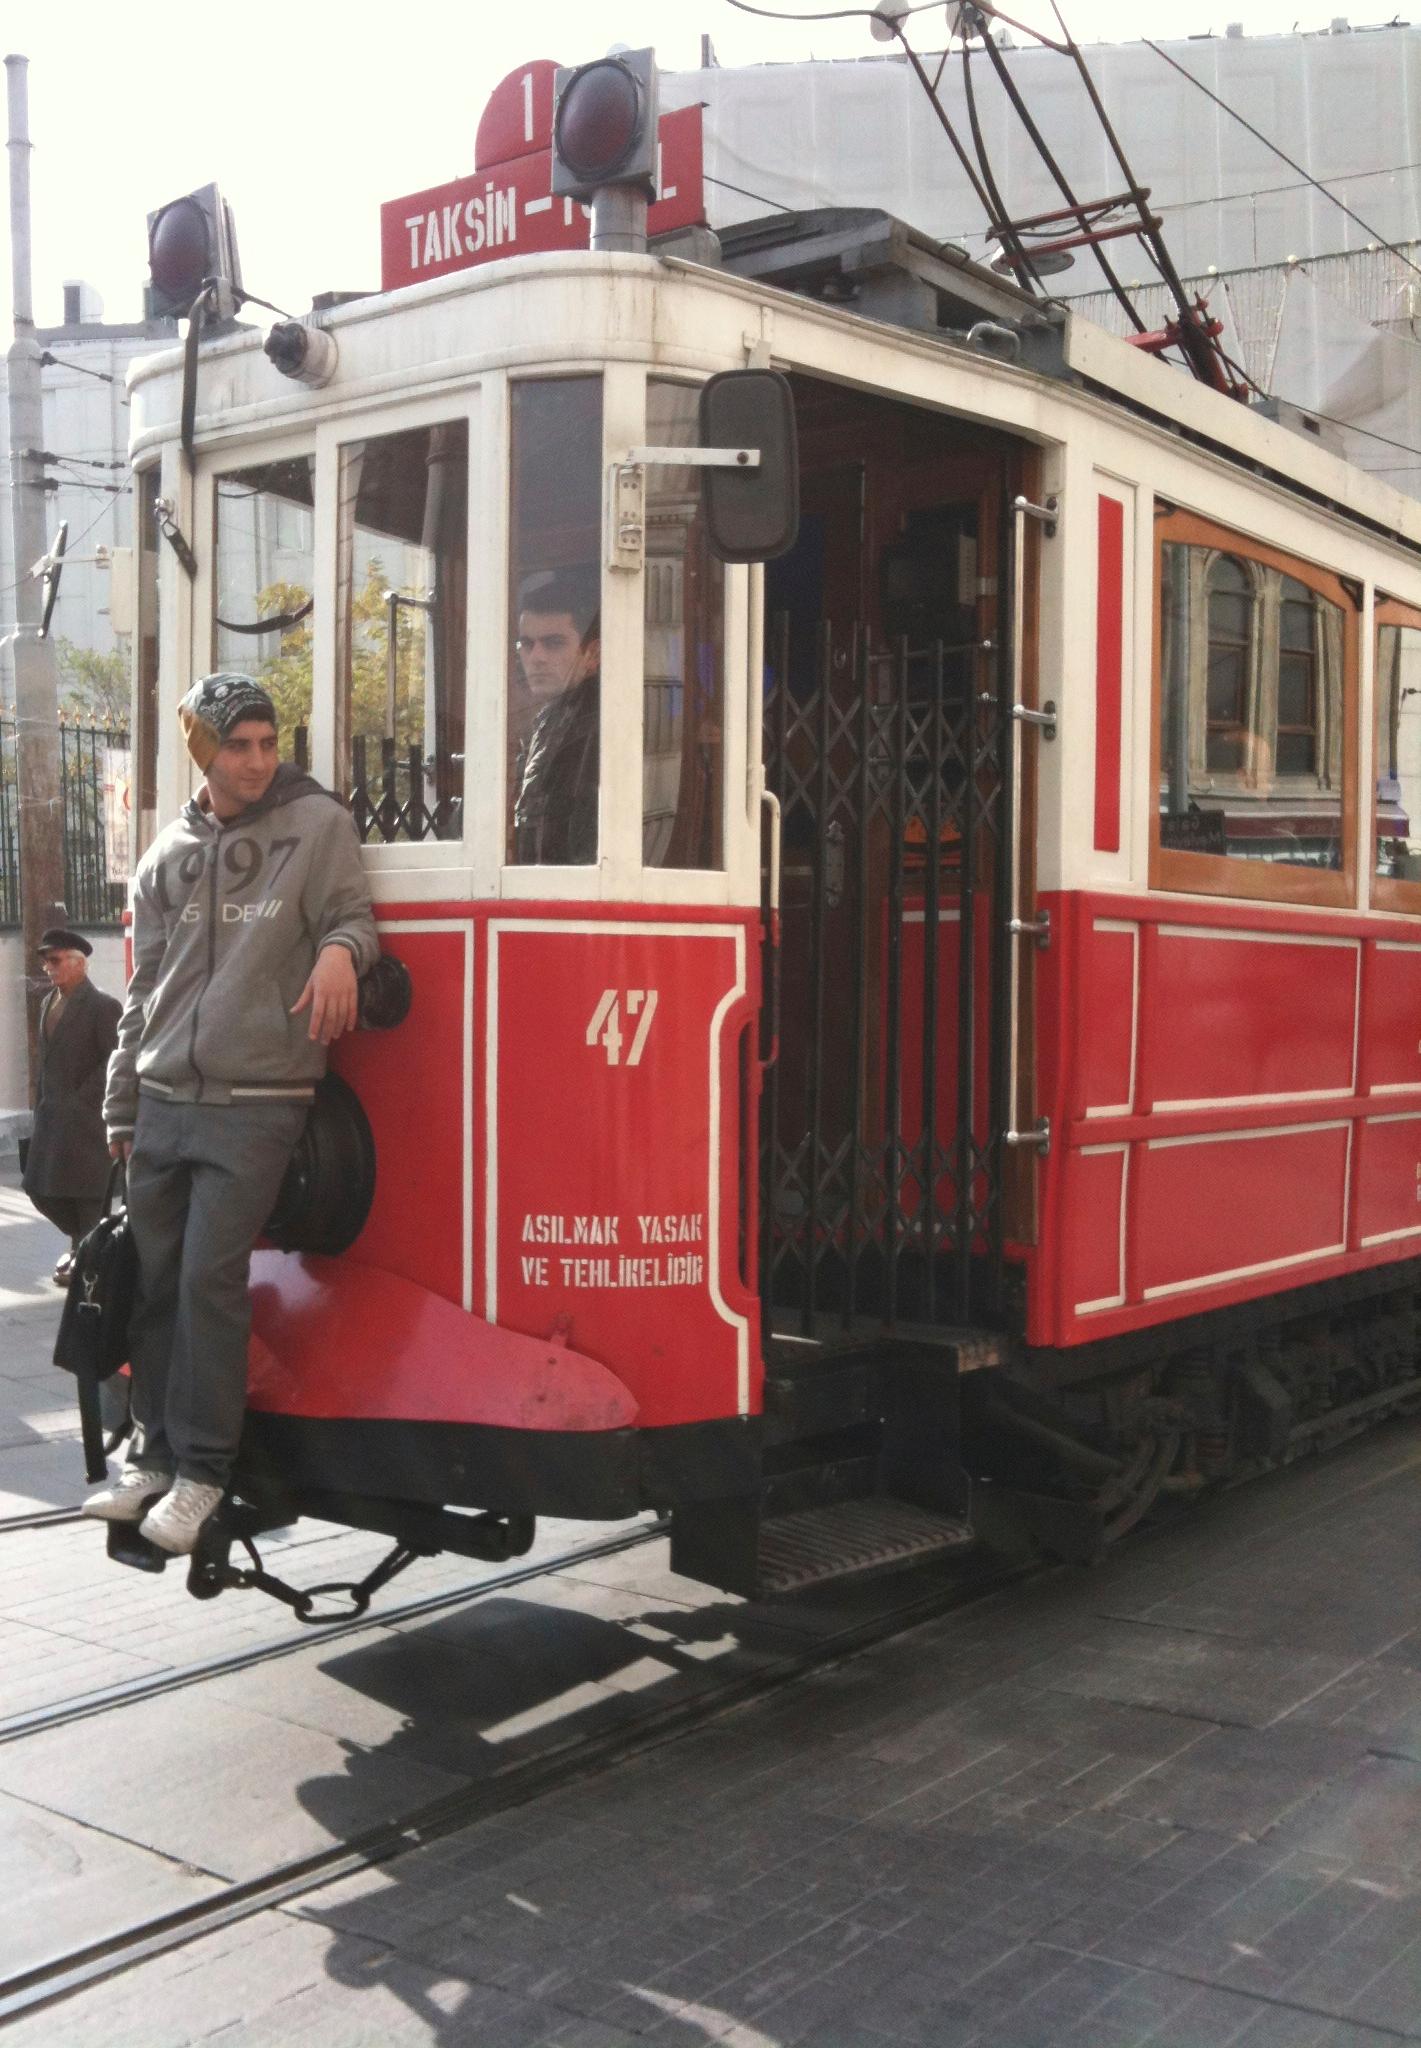 ... puis suivre le tram.